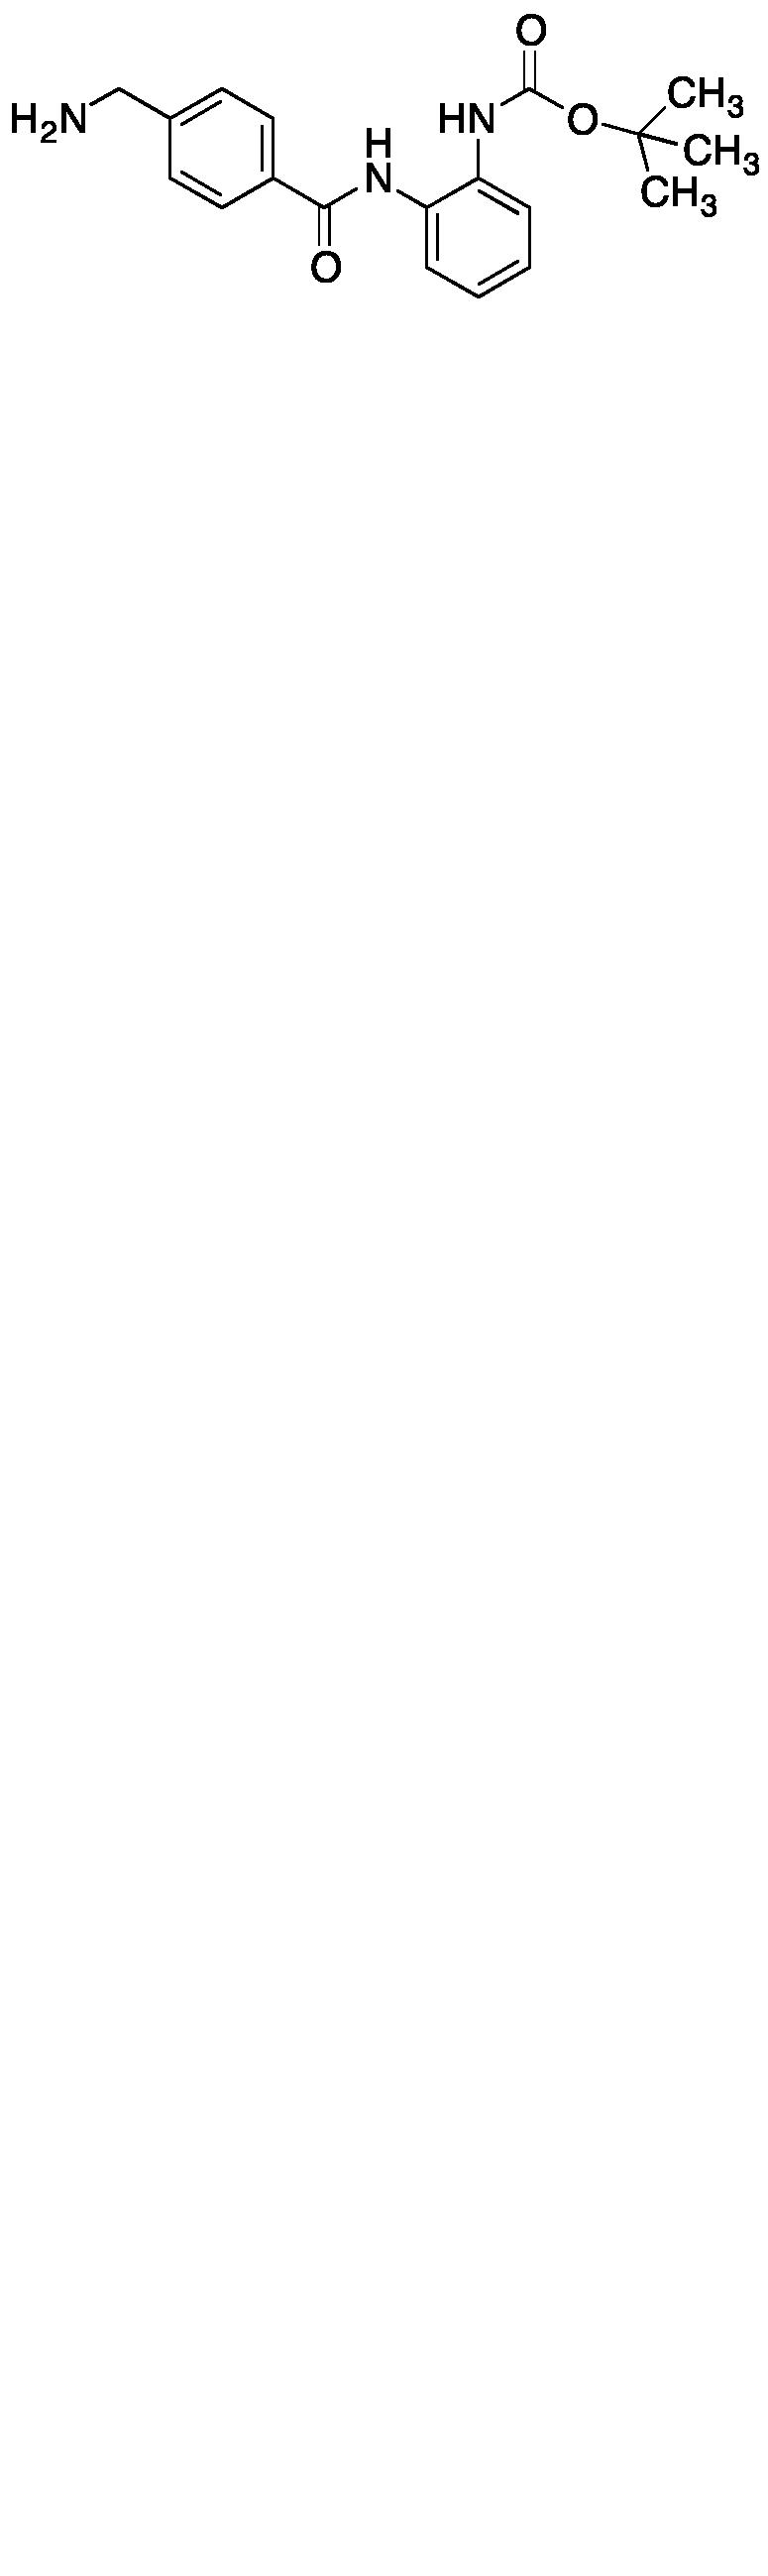 [2-[[4-(Aminomethyl)benzoyl]amino]phenyl]-carbamic Acid tert-Butyl Ester